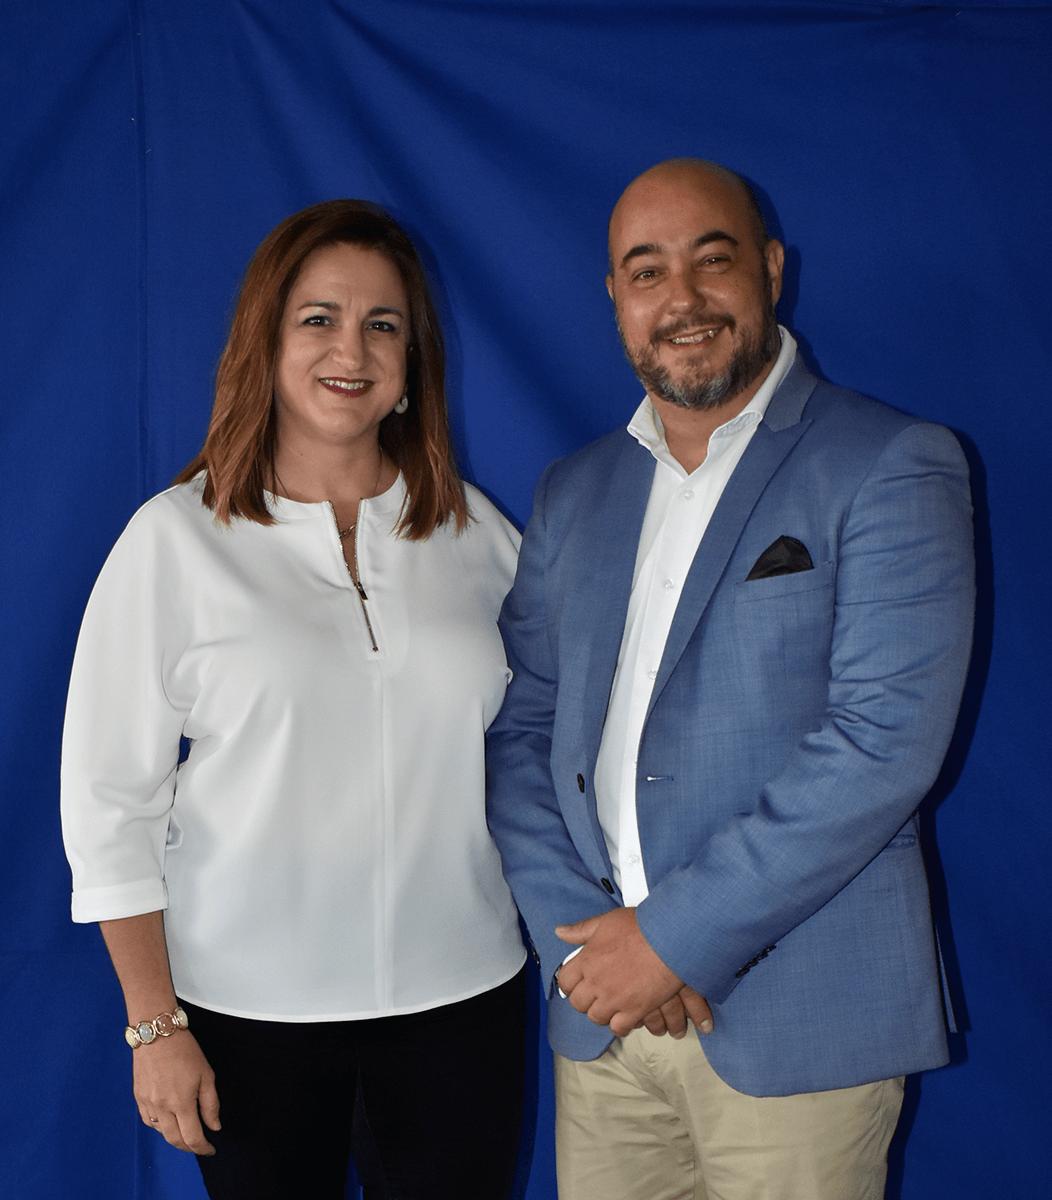 David Castillo y Susana García | Centro de Vida Cristiana